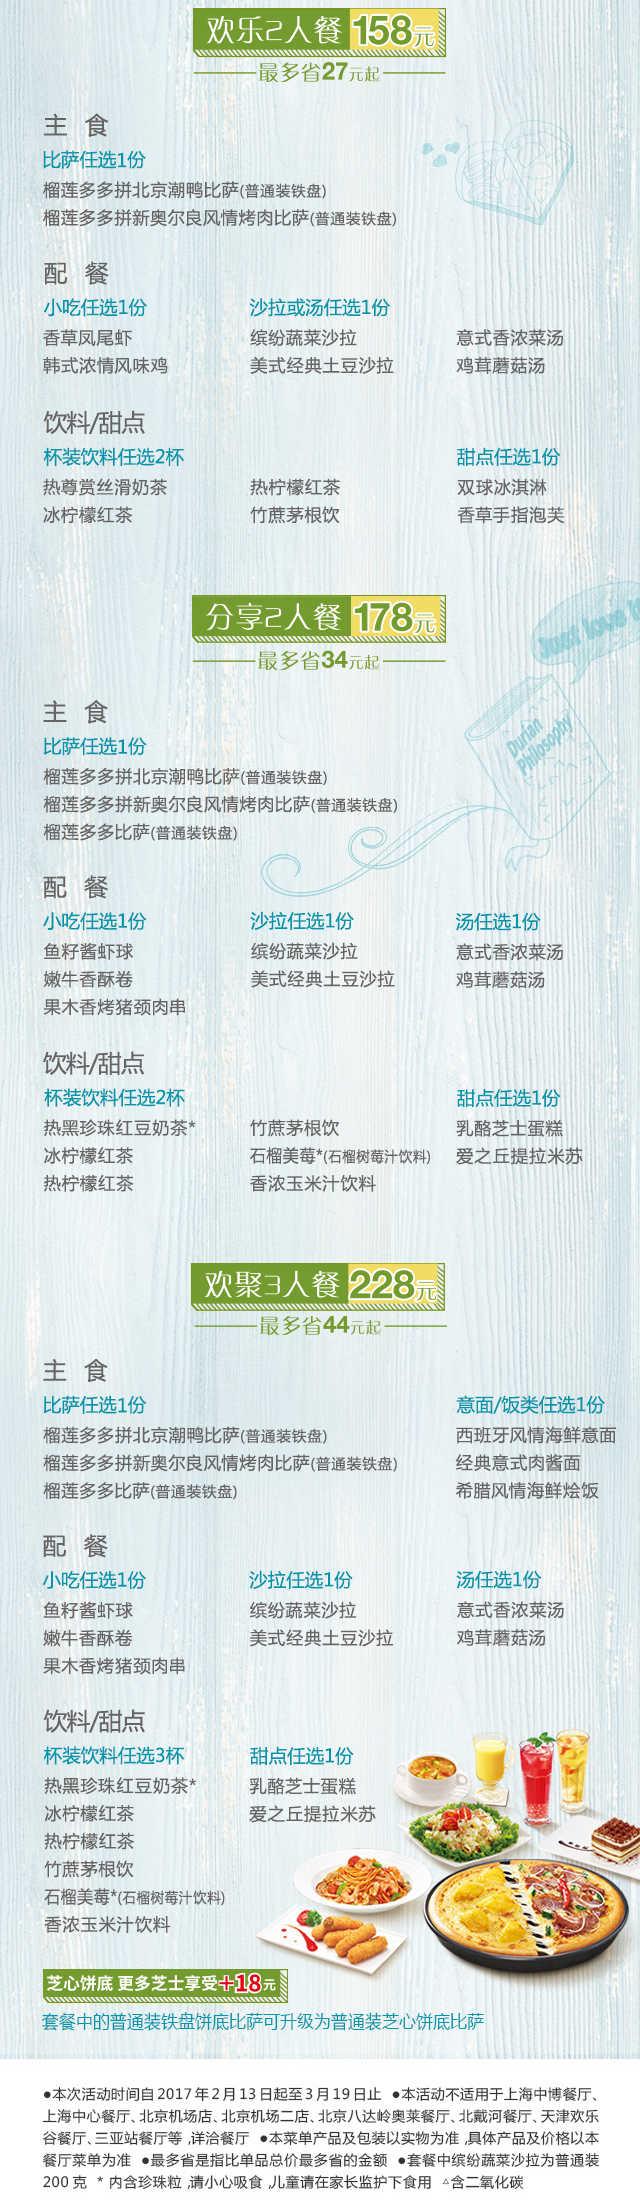 必胜客榴莲多多比萨2人套餐158元起,3人套餐228元,+18元升级芝心 有效期至:2017年3月19日 www.5ikfc.com